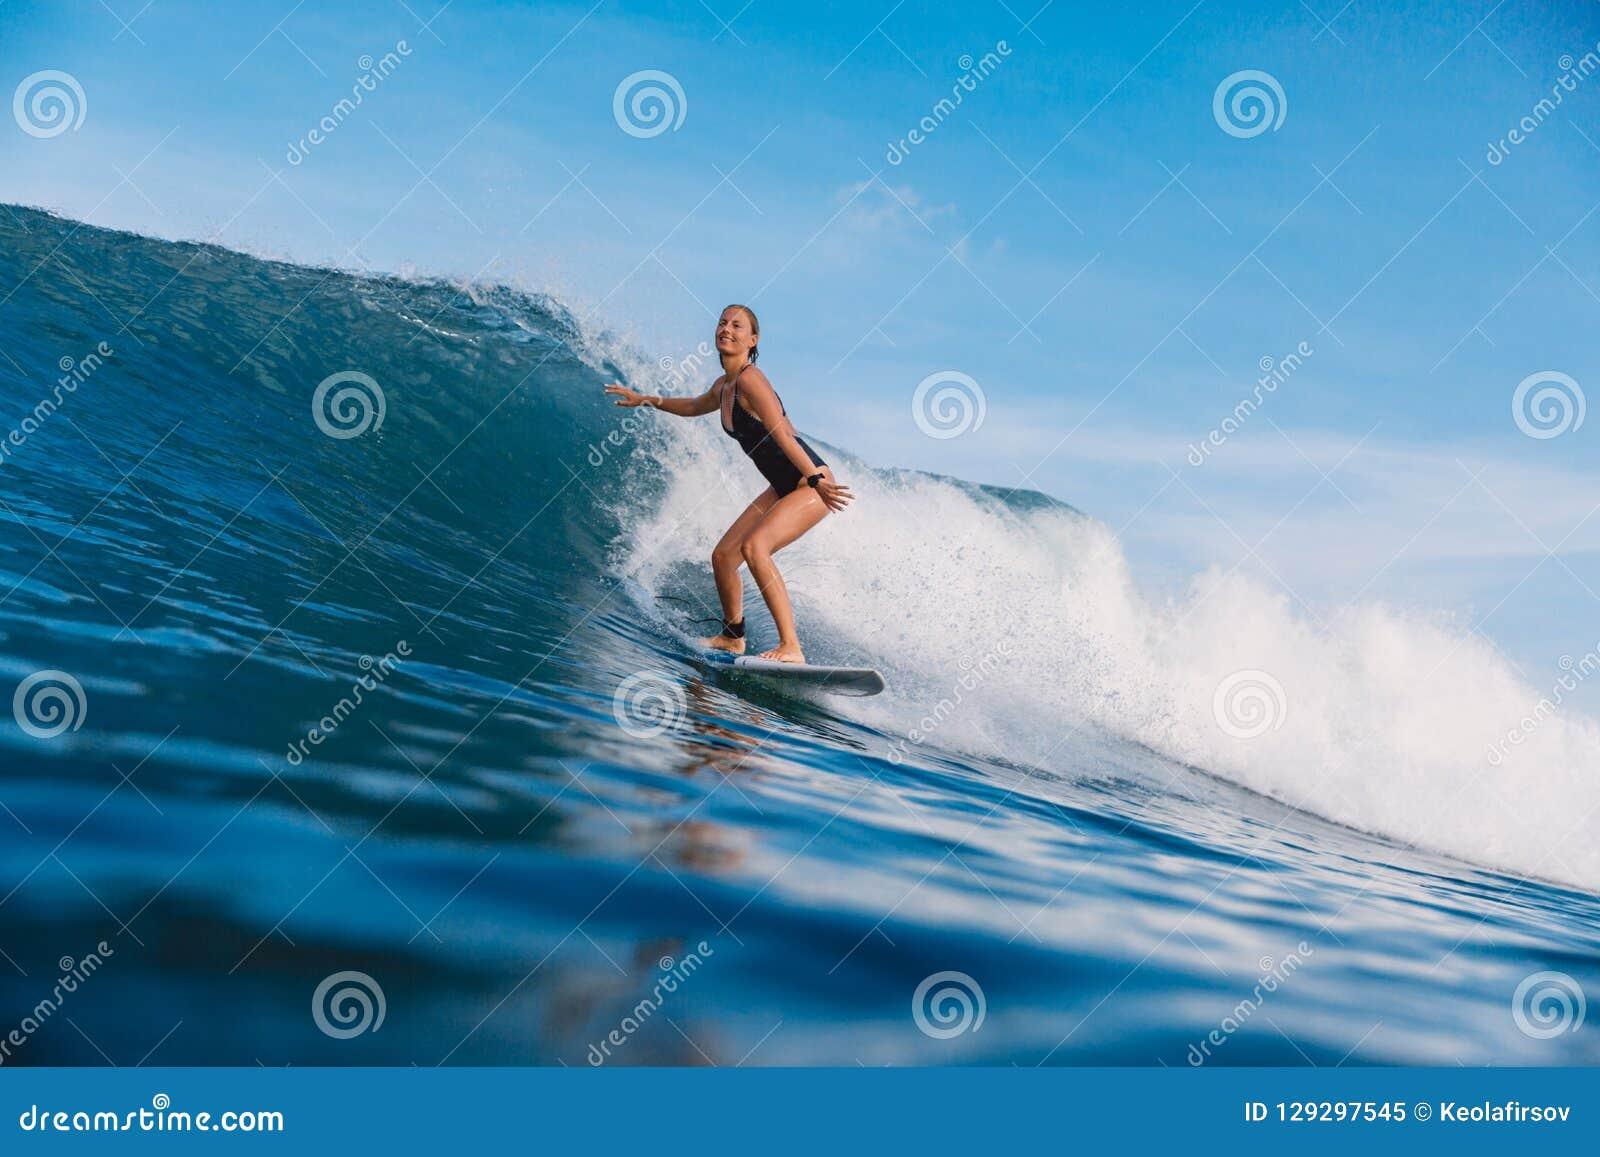 蓝色波浪的冲浪者女孩 在冲浪期间的妇女